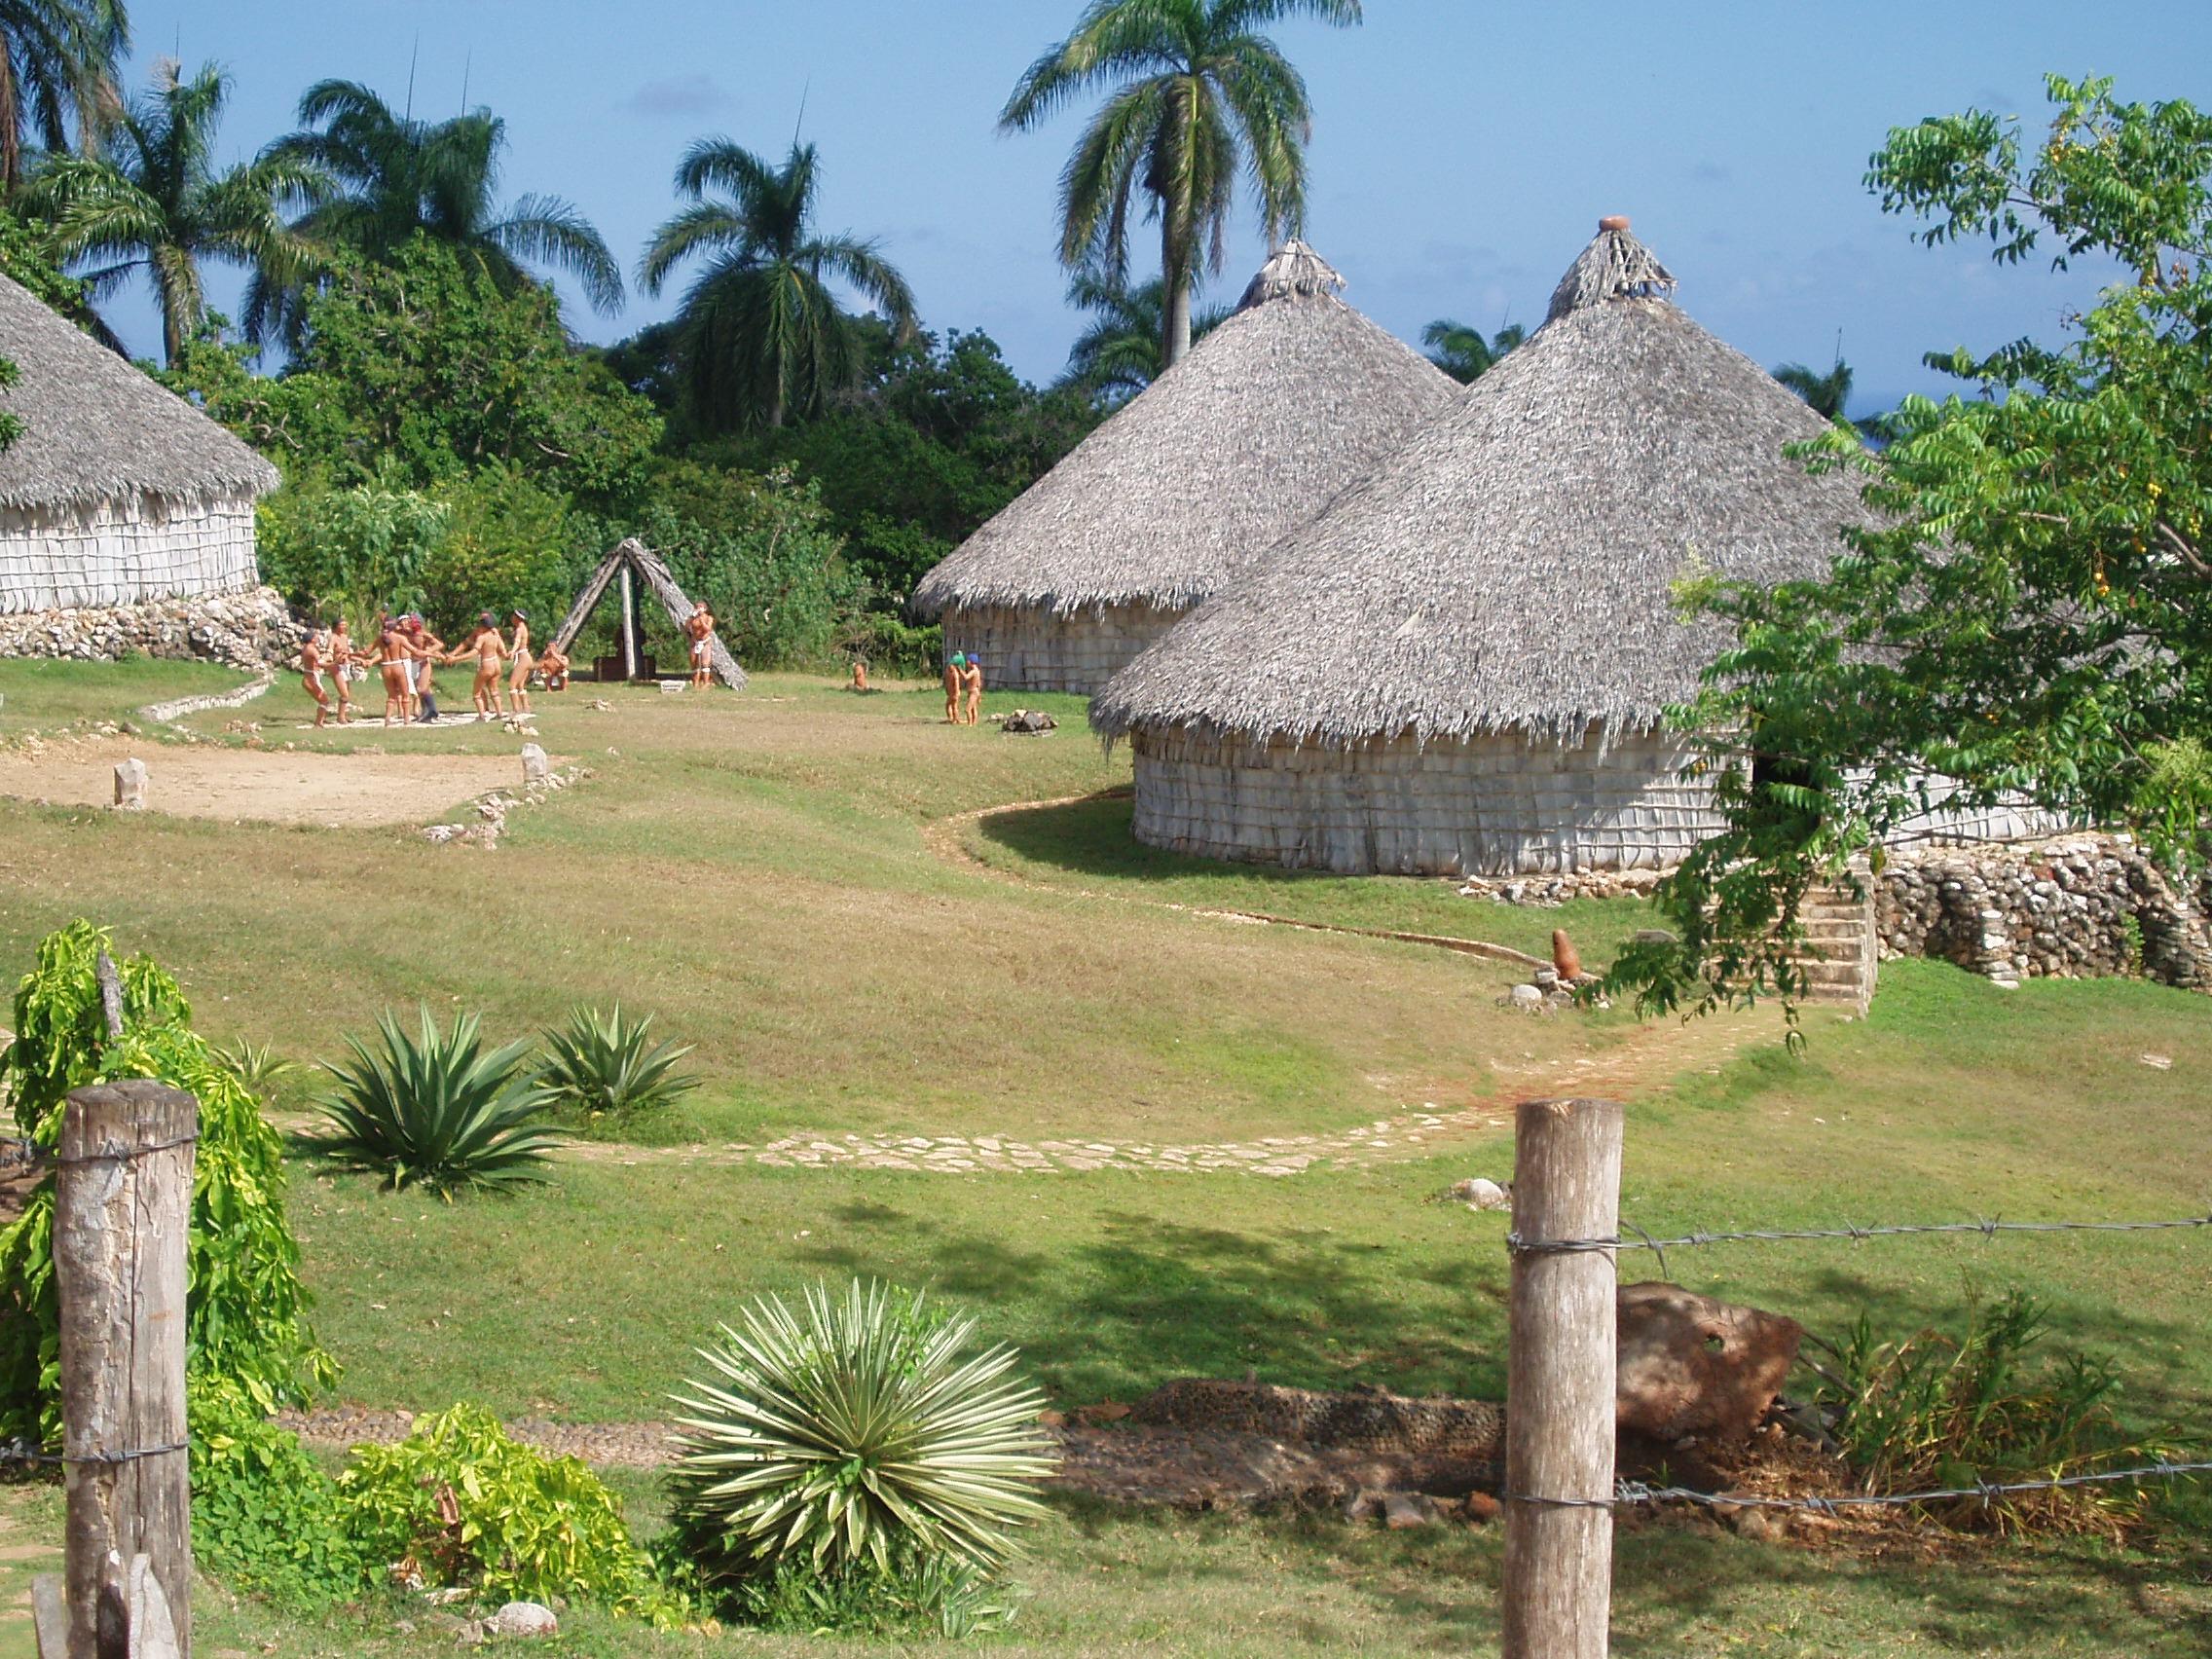 https://i1.wp.com/upload.wikimedia.org/wikipedia/commons/e/e5/Reconstruction_of_Taino_village,_Cuba.JPG